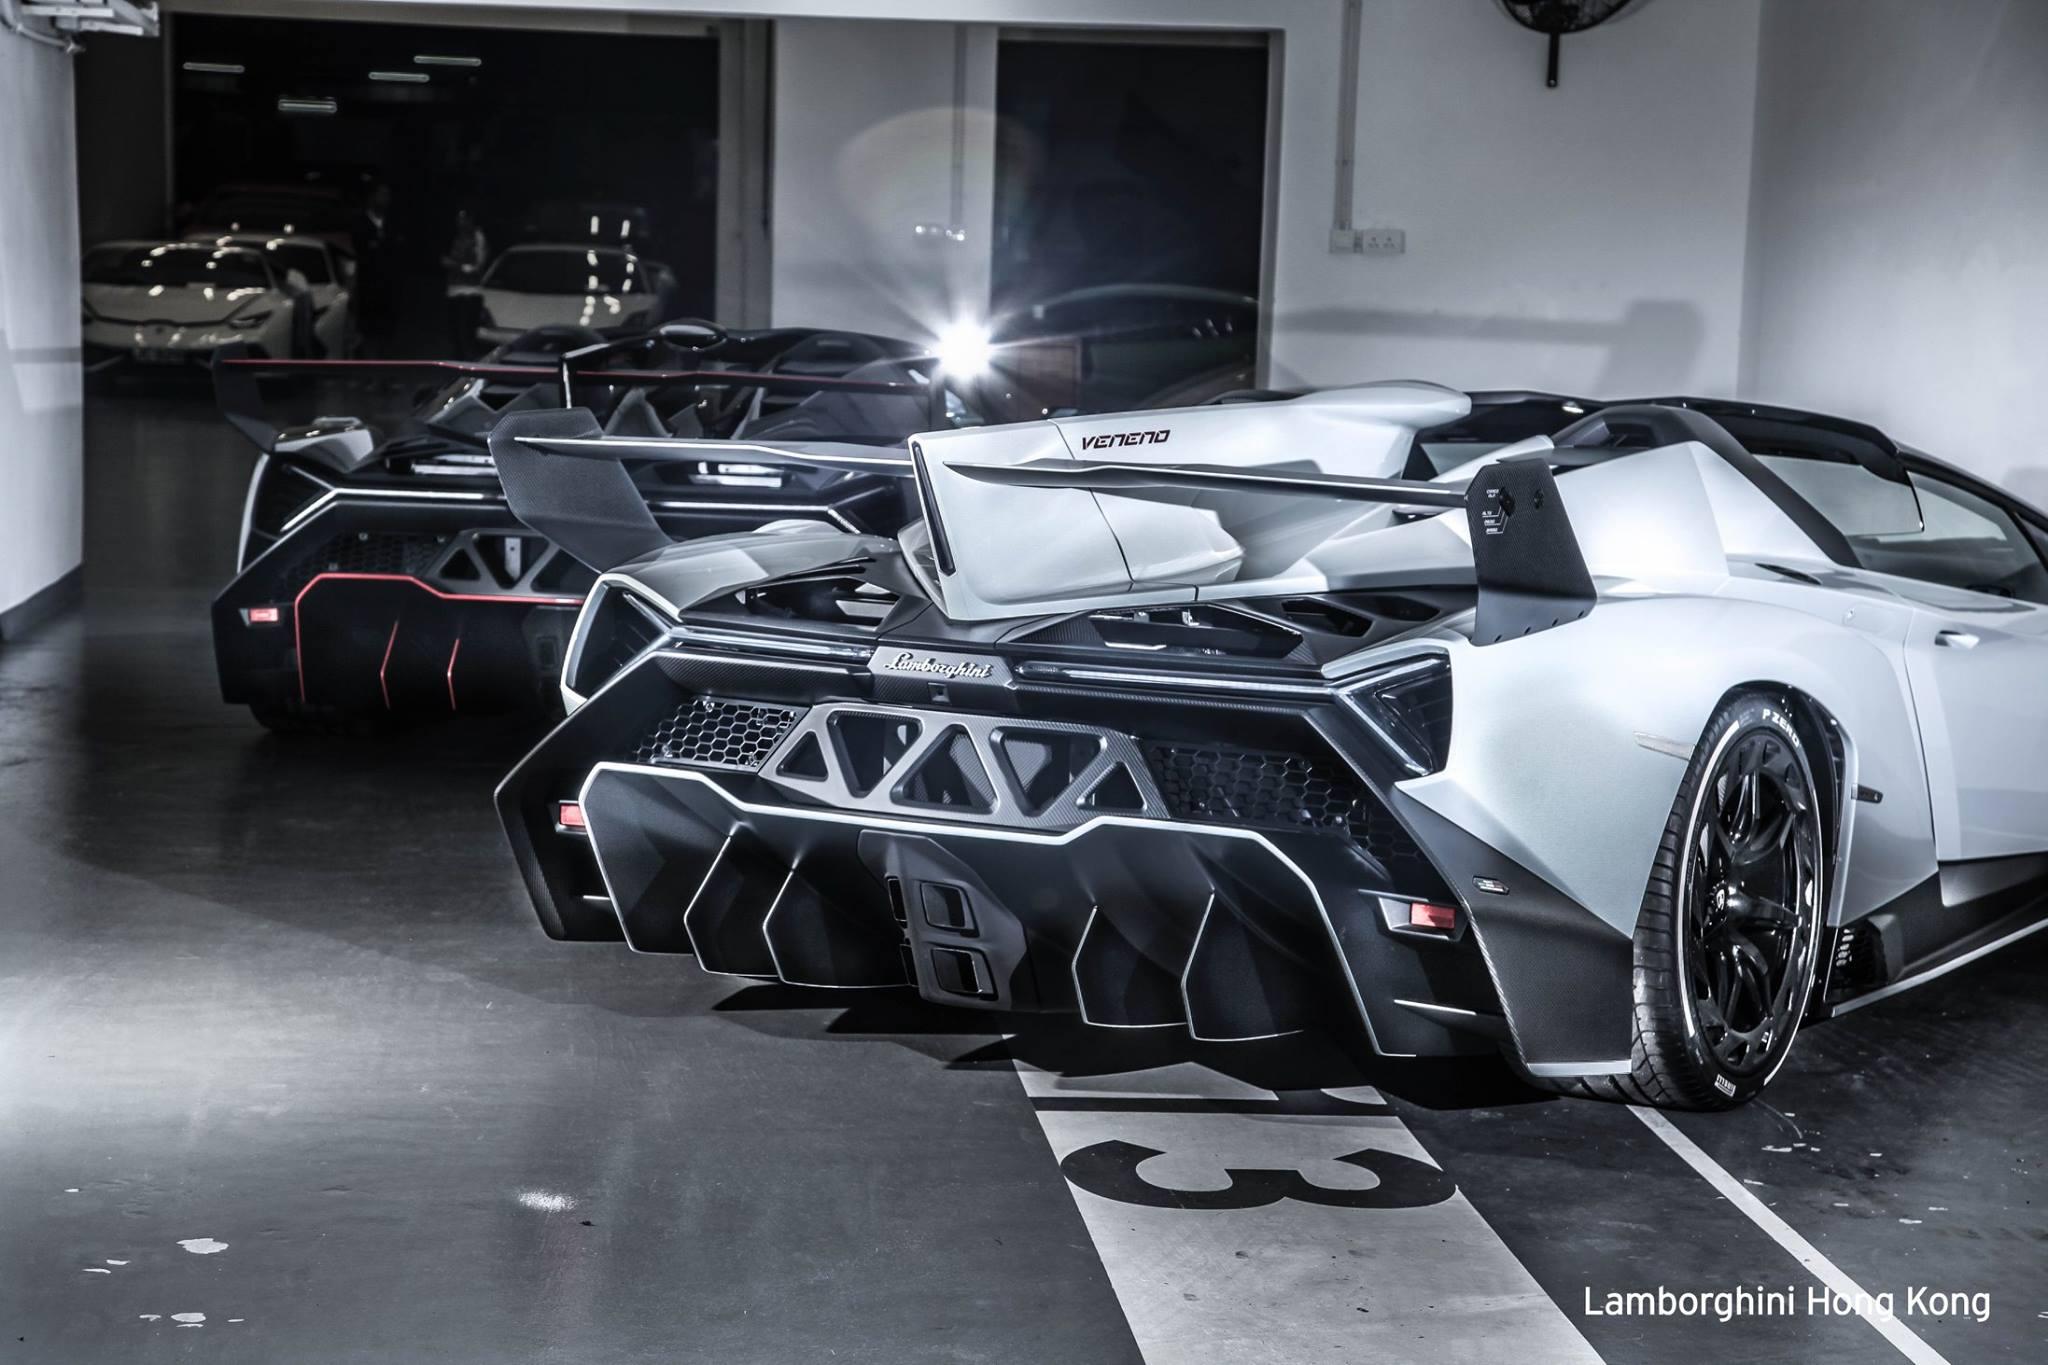 Lamborghini Hong Kong5